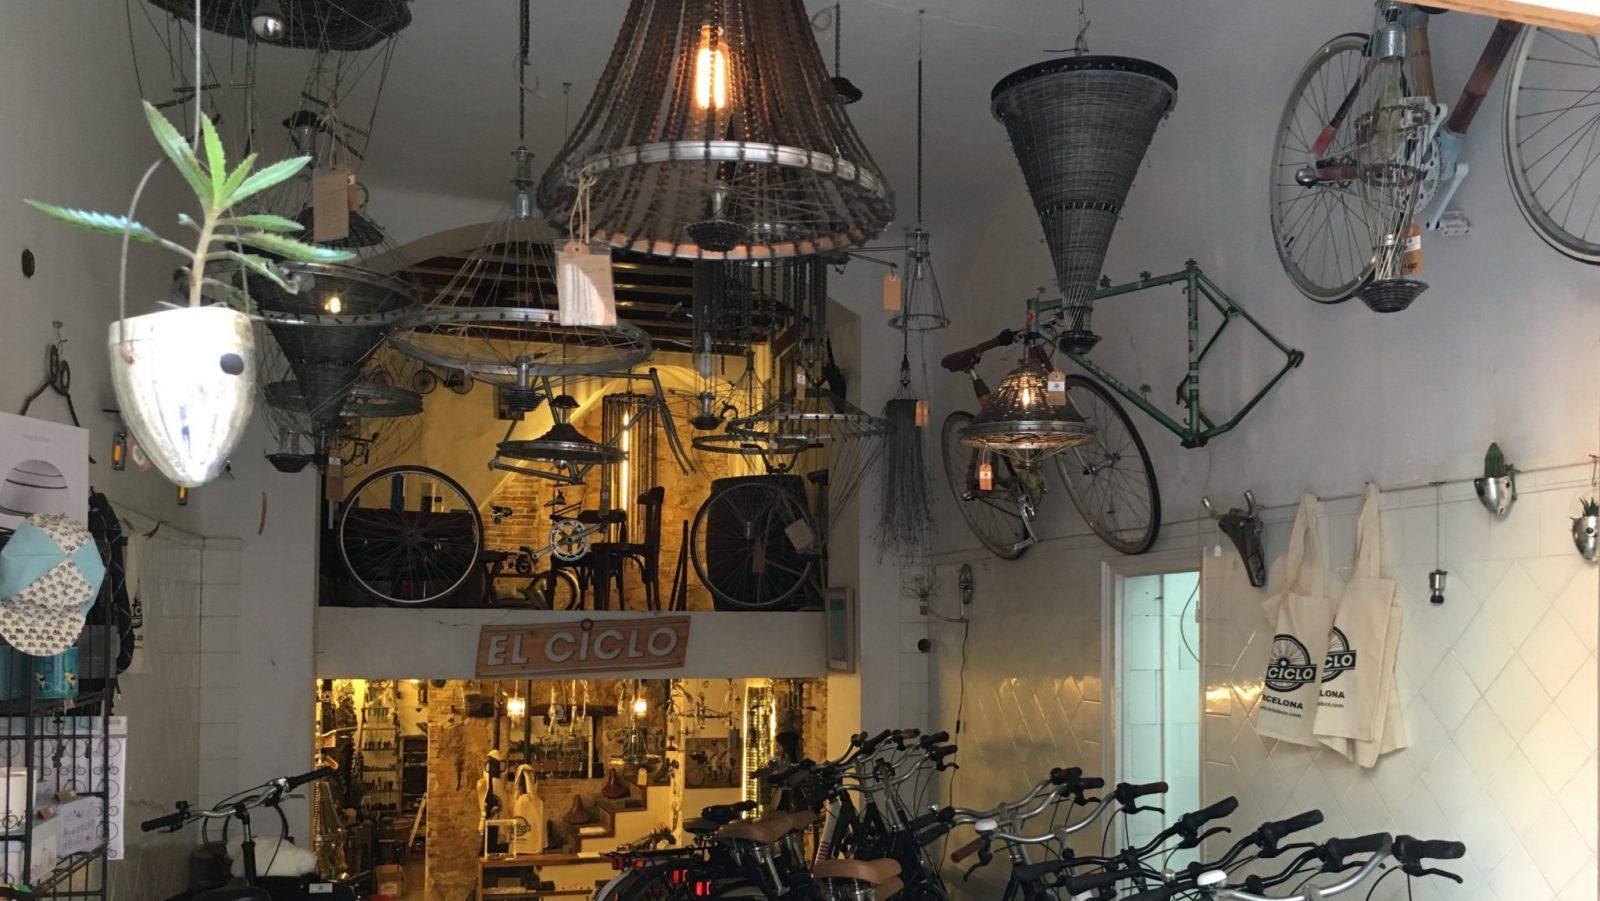 El Ciclo Barcelona meer dan fietsenwinkel